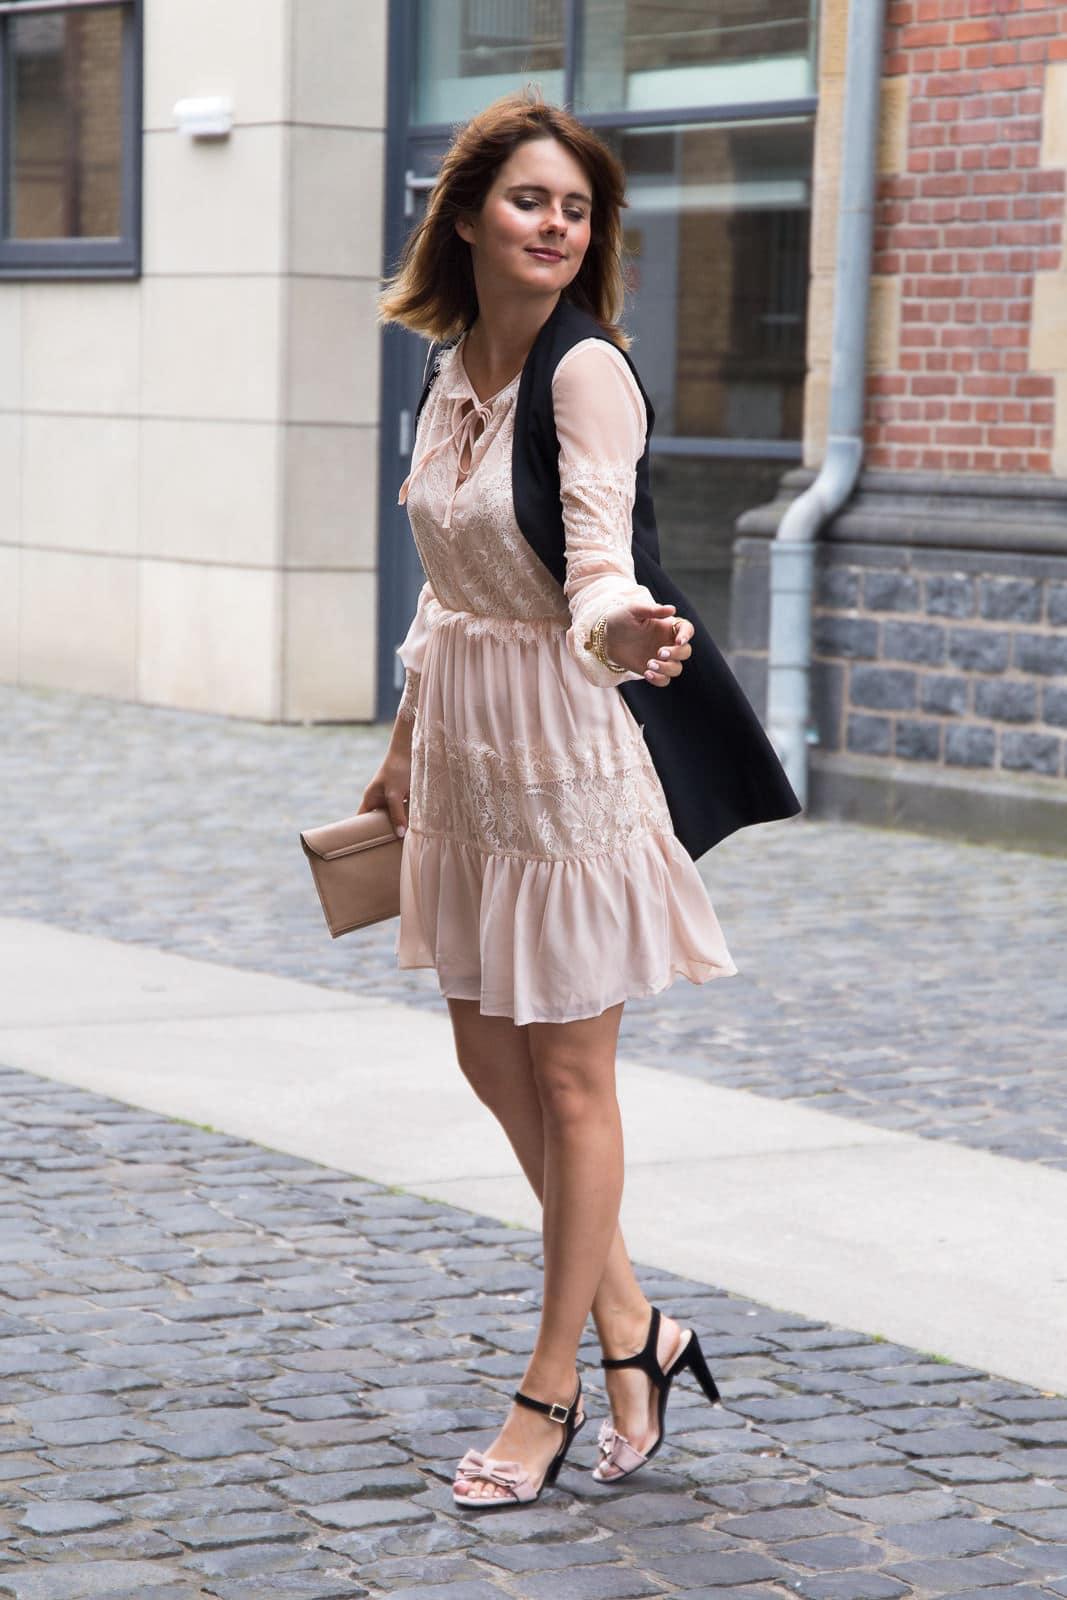 Romatischer Fashion Look: Transparentes Spitzenkleid & High-Heels mit Schleife